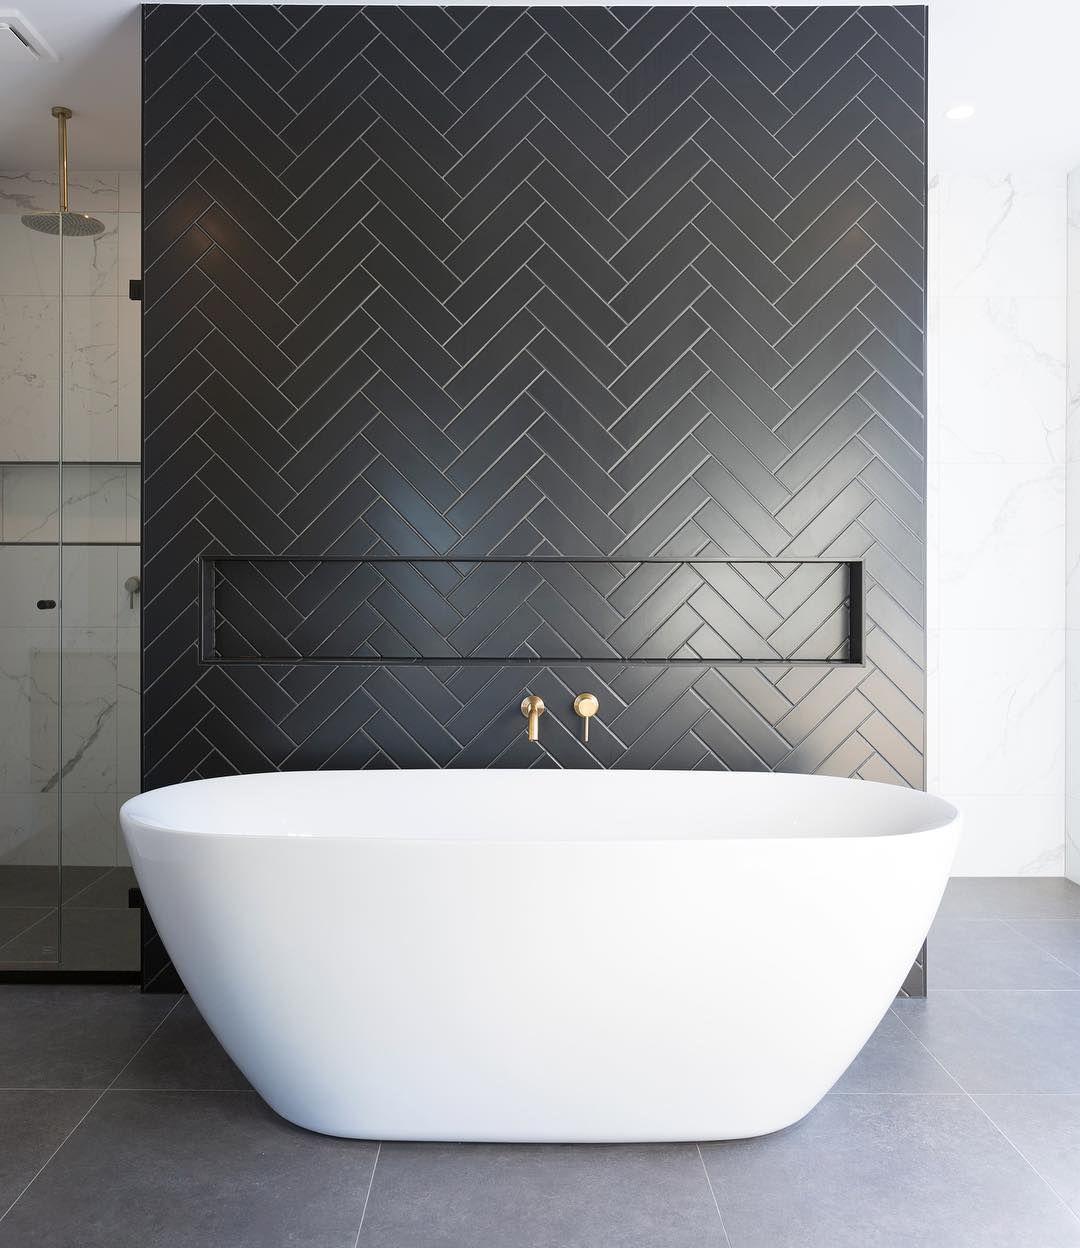 11 Bathrooms With Black Herringbone Tiles Black Tile Bathrooms Free Standing Bath Tub Herringbone Tile